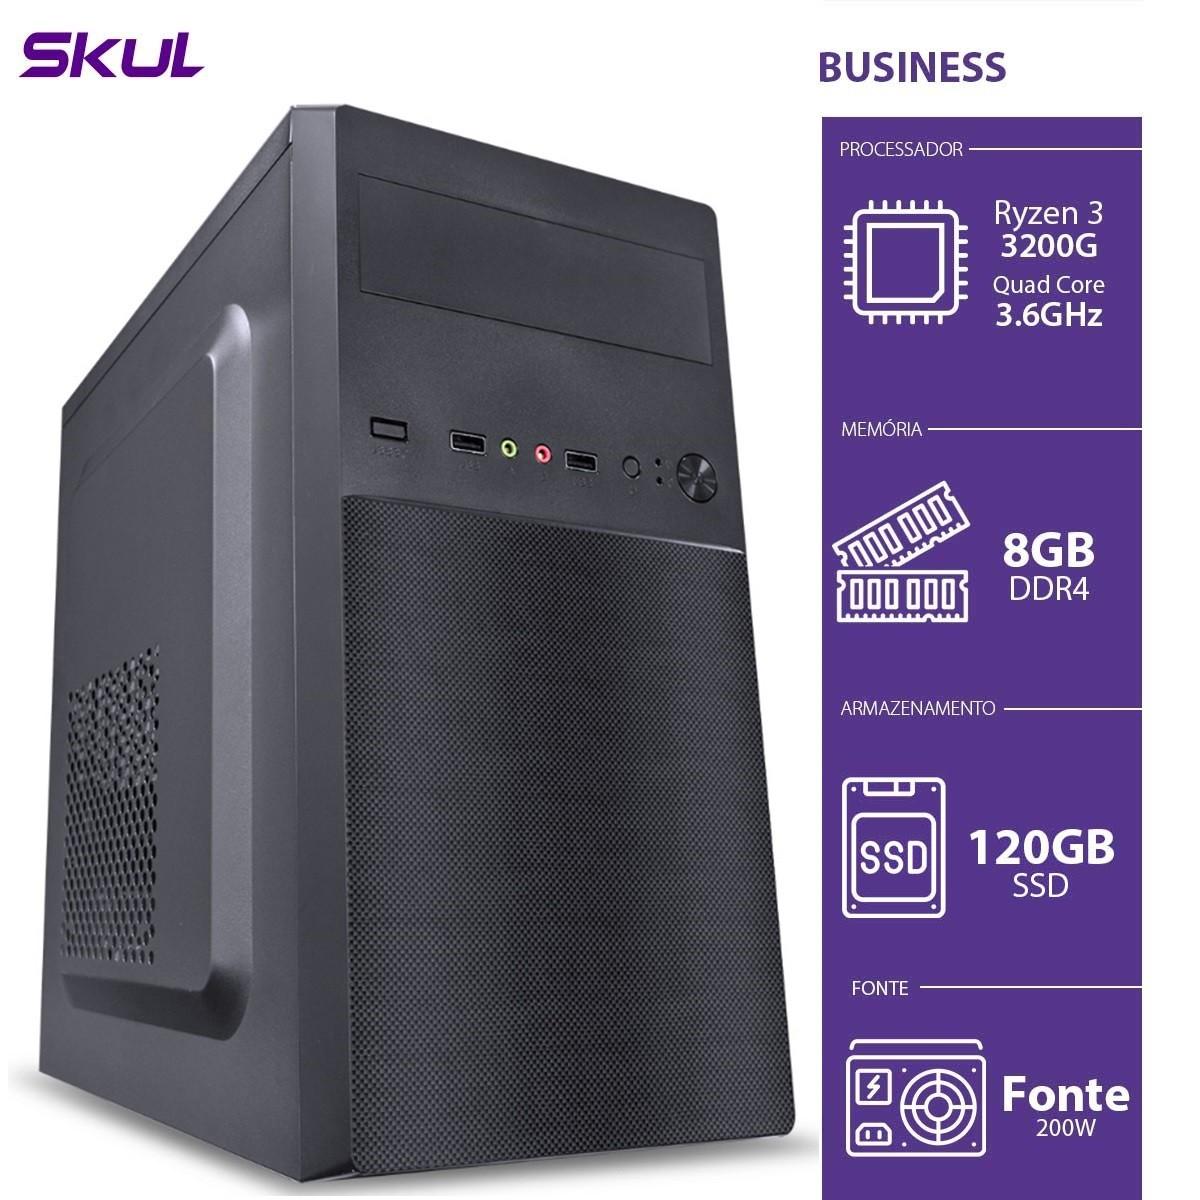 Computador Business B300 - RYZEN 3 3200G 3.6GHZ 8GB DDR4 SSD 120GB HDMI/VGA Fonte 200W